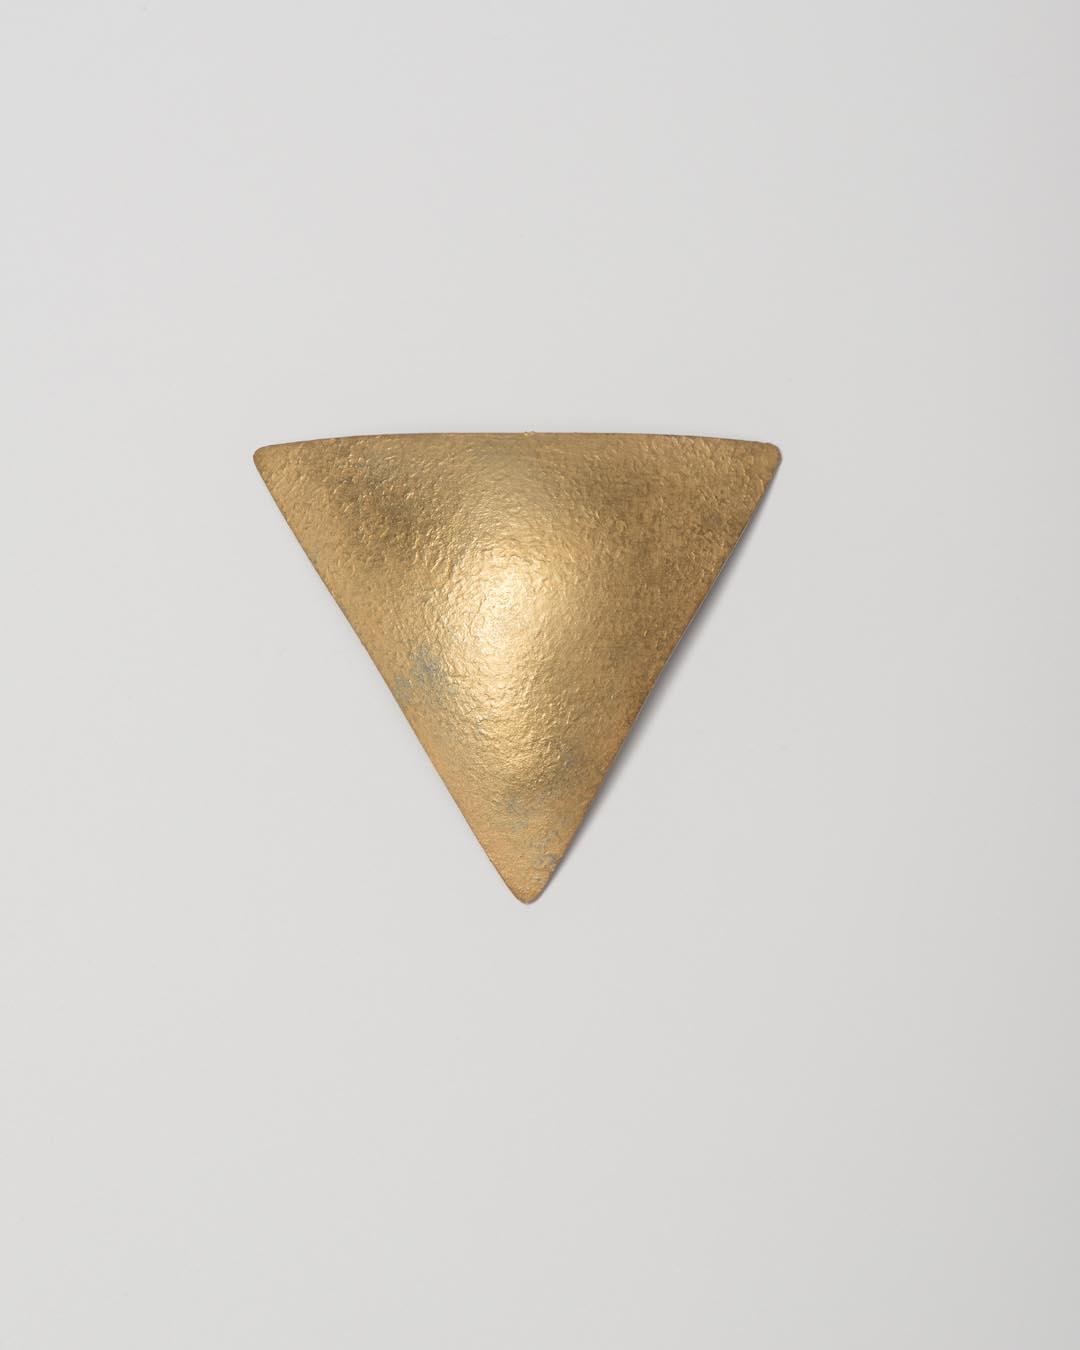 Yasuki Hiramatsu, untitled, brooch/pendant; gold-plated silver, €750